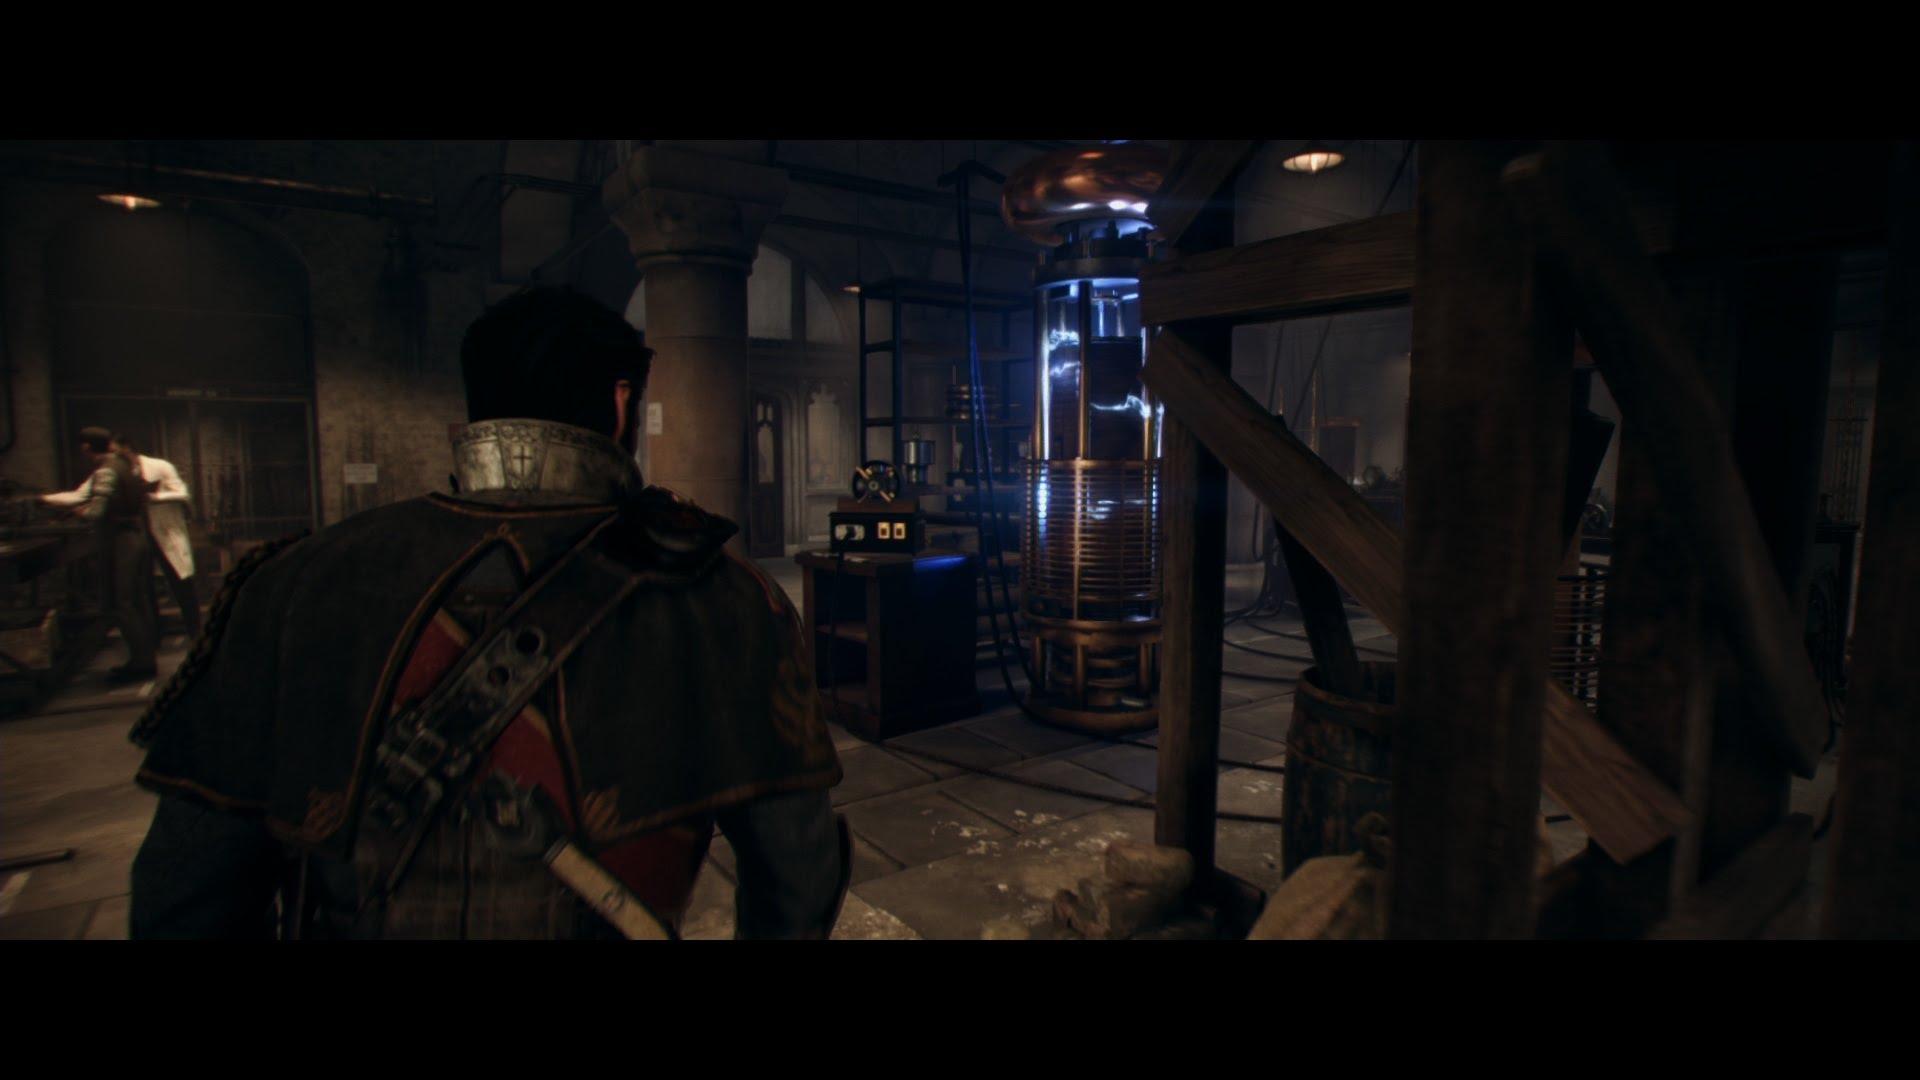 PS4『The Order: 1886』価格が5,900円+税に決定!特典はコスチューム・武器・戦闘アイテムのDLコード